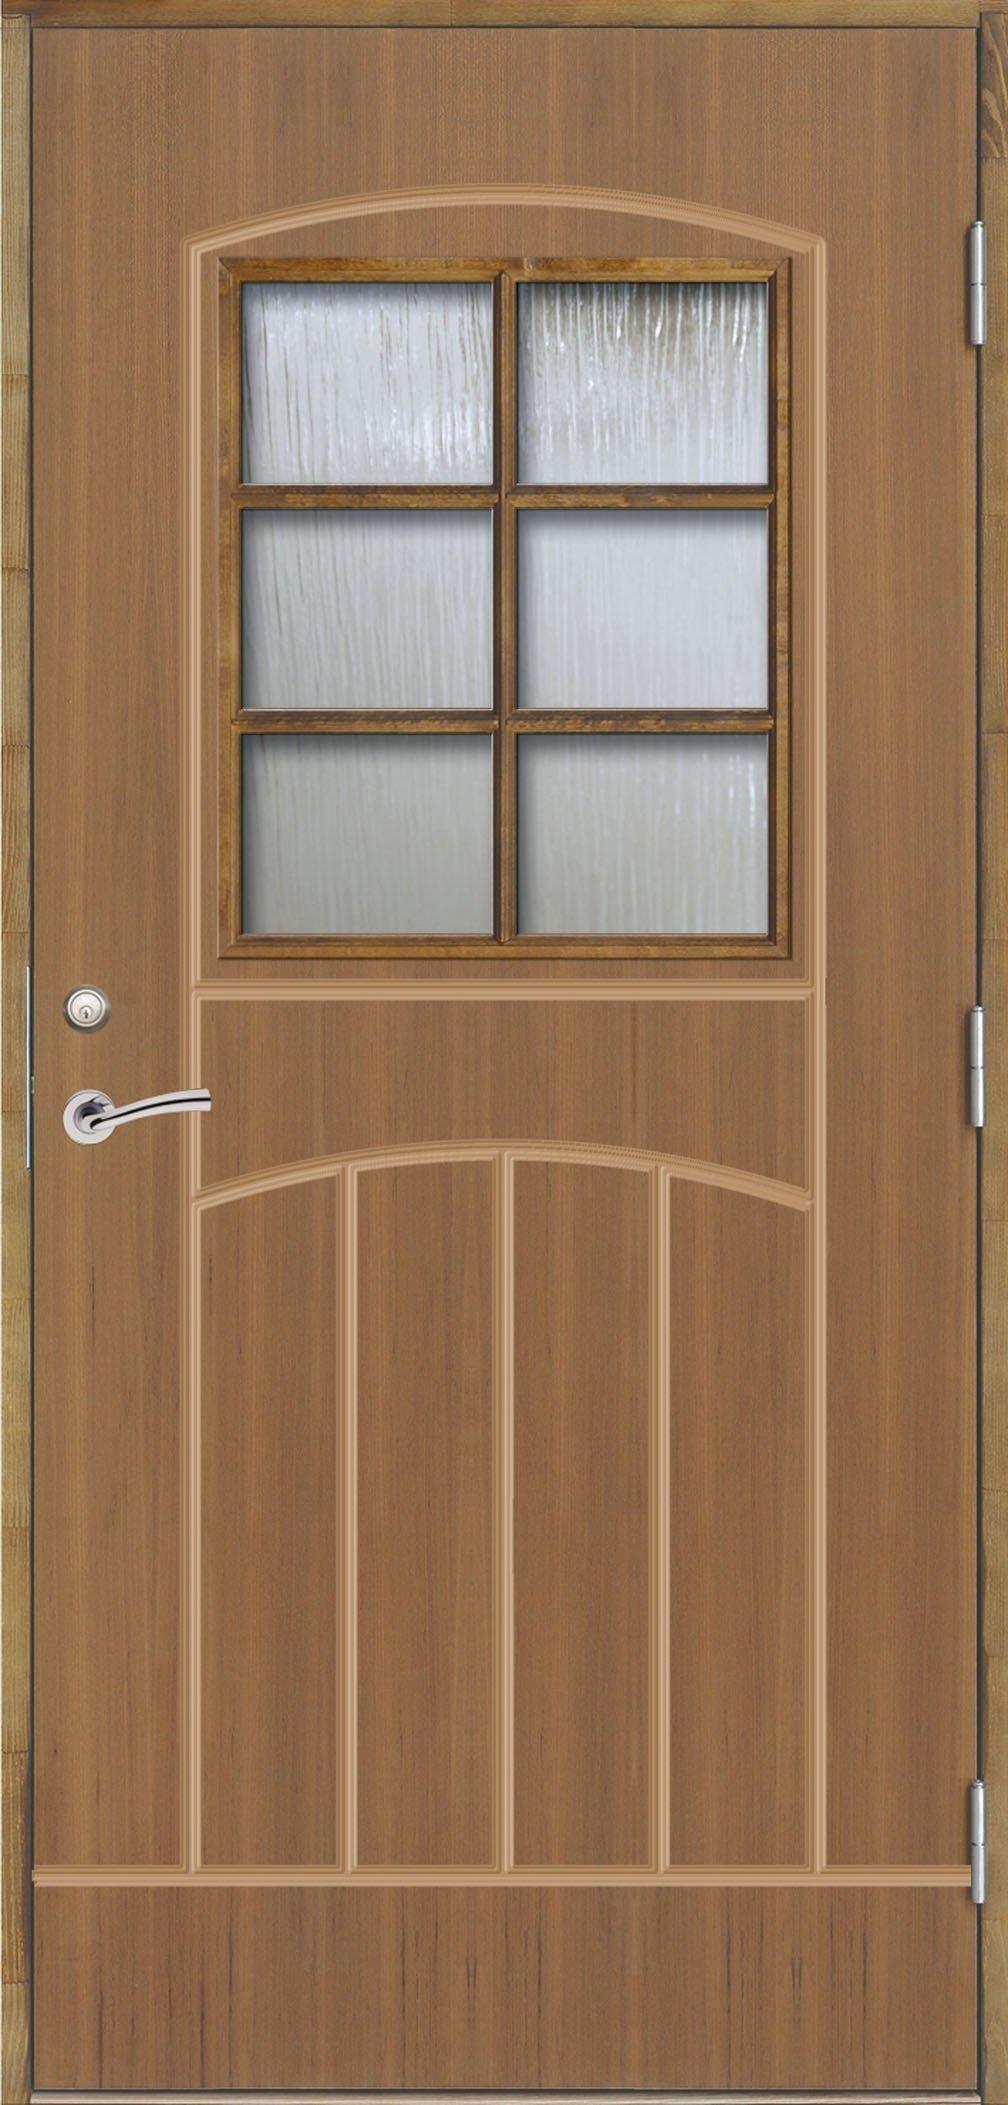 viljandi aken ja uks välisuks gracia 6r teak freesitud